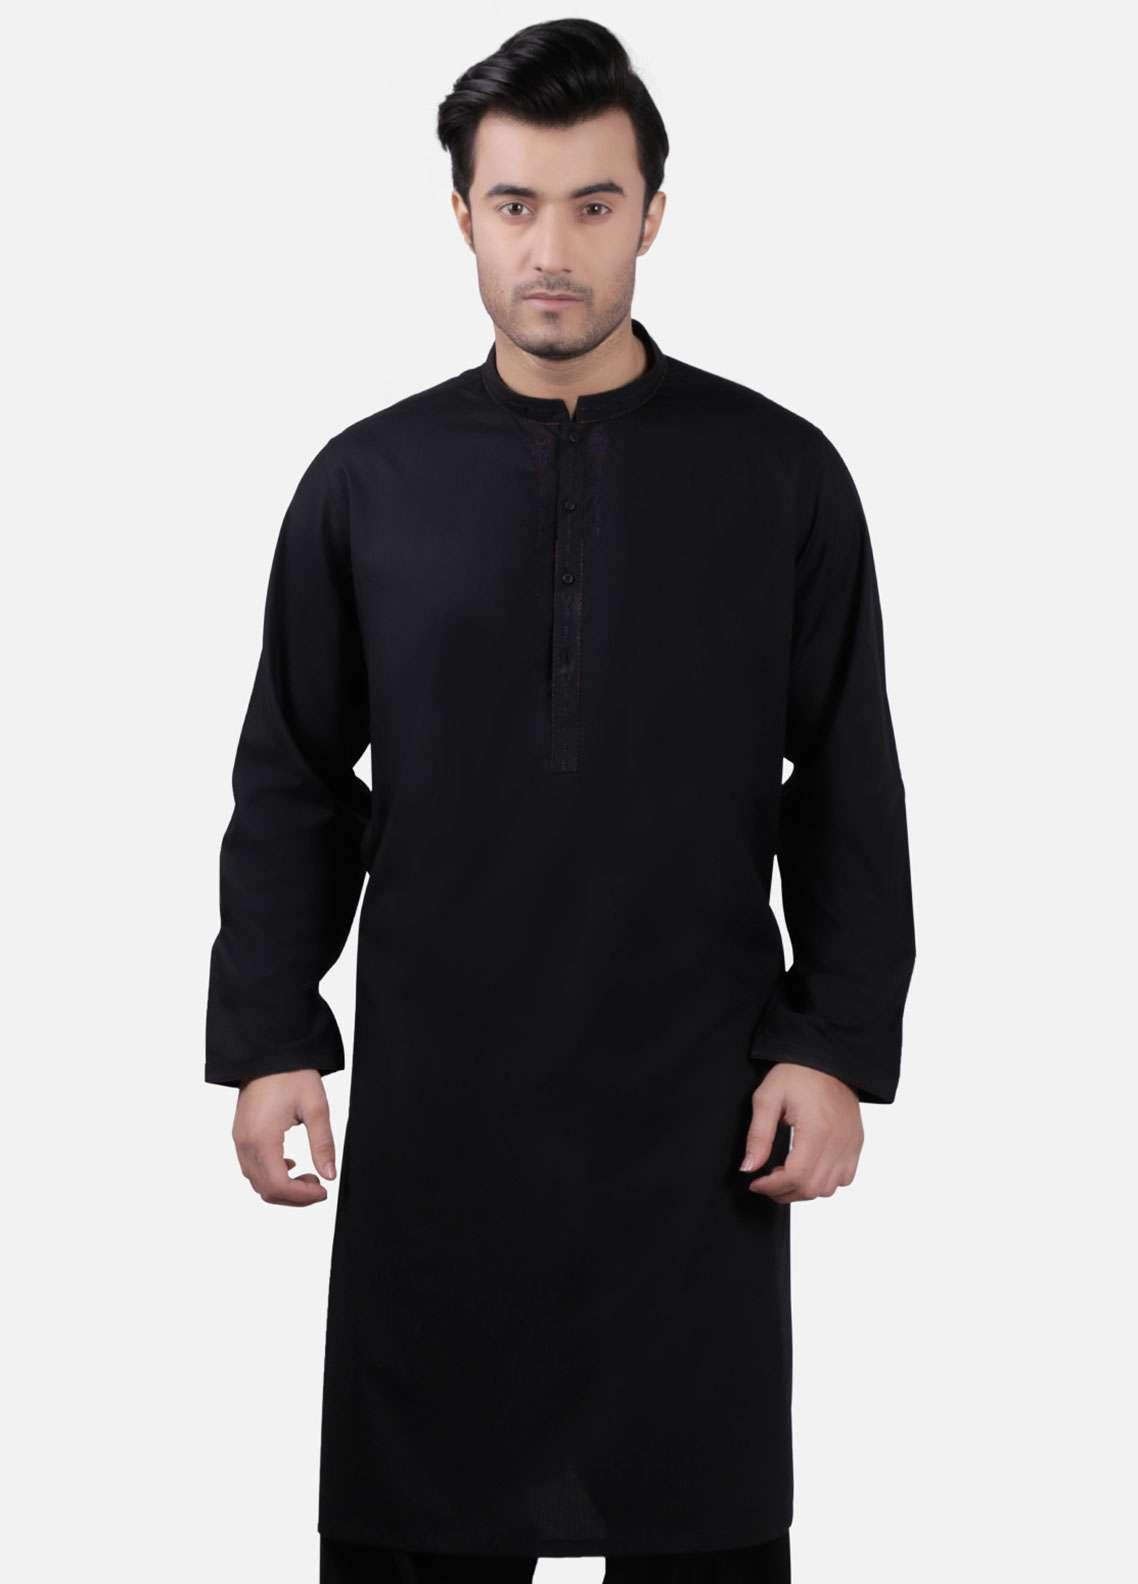 Edenrobe Cotton Formal Kameez Shalwar for Men - Black EMTKS-40713